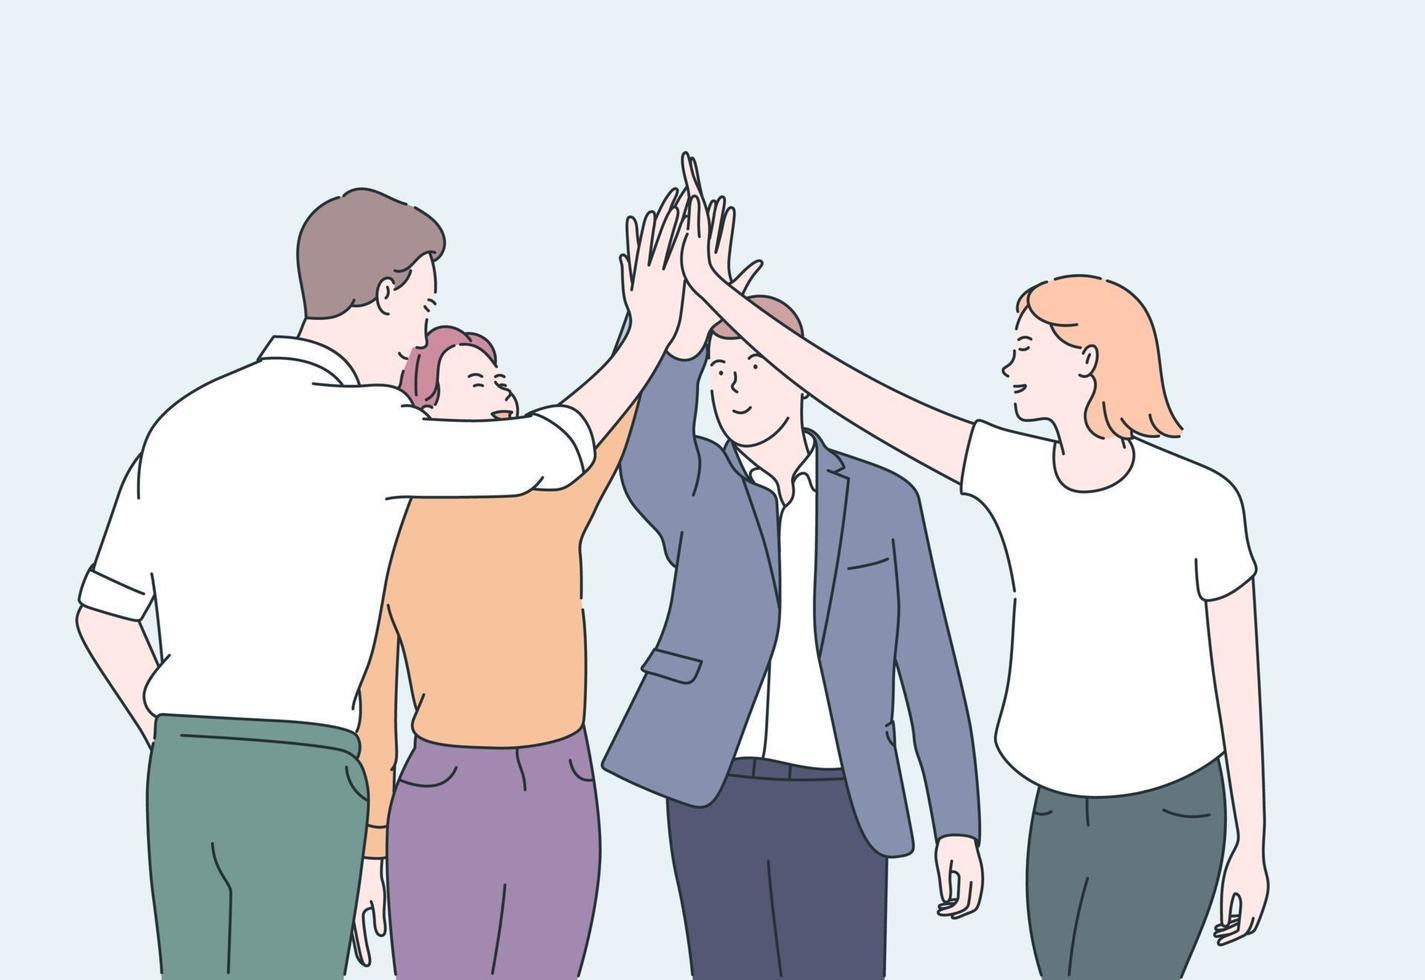 trabalho em equipe e conceito de construção de equipes. jovens empresários parceiros de trabalhadores de escritório em pé e dando as mãos após negociações bem-sucedidas. ilustração vetorial plana vetor